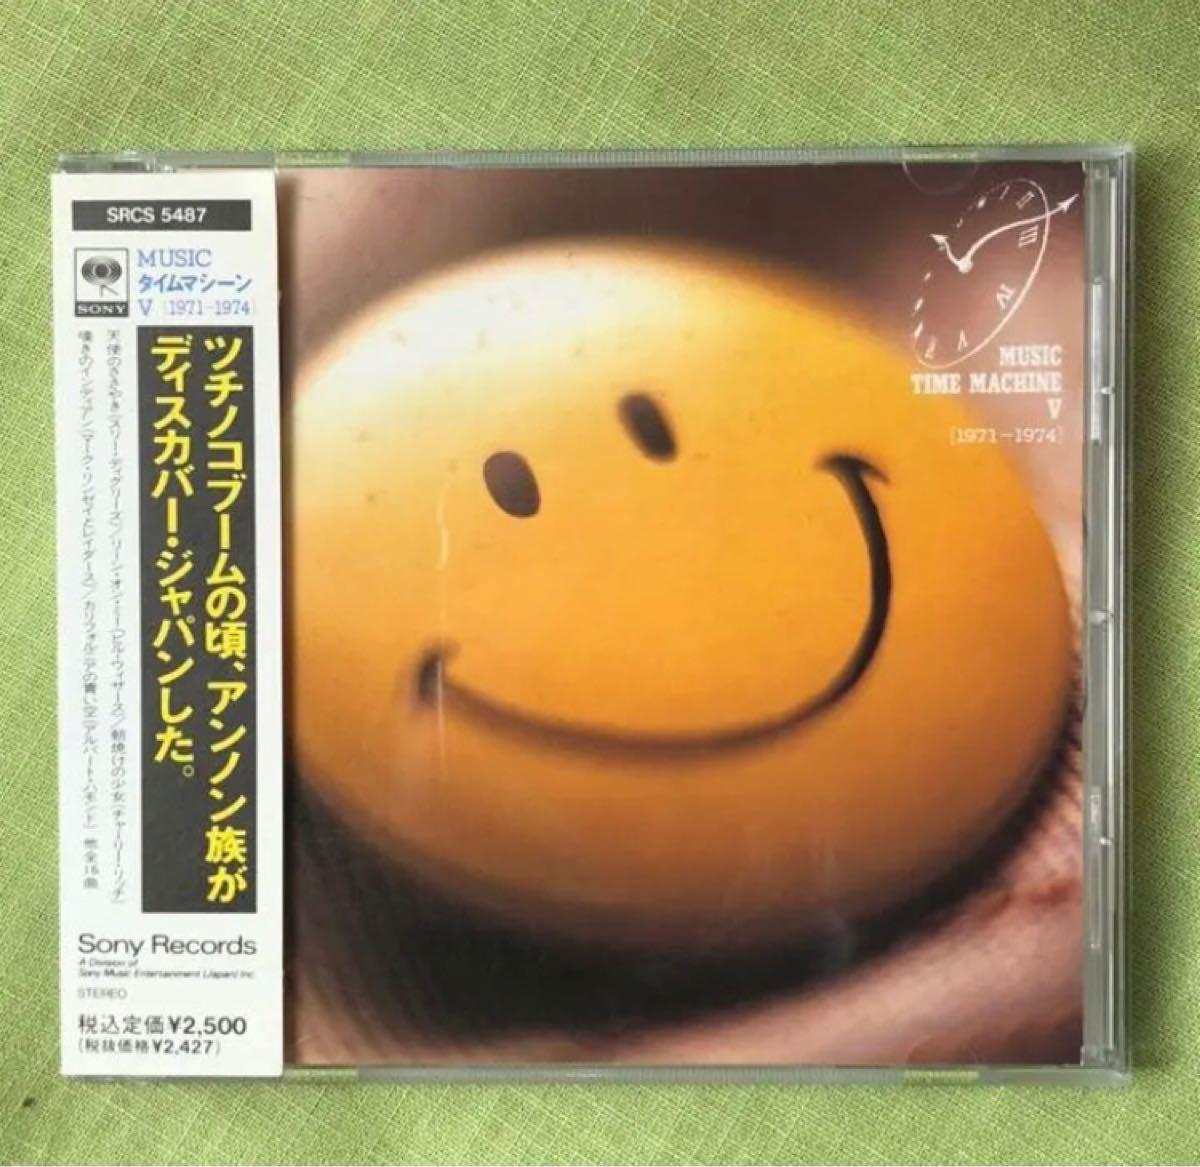 CD国内盤『MUSICタイムマシーン5 (1971-1974)』ベストヒット集